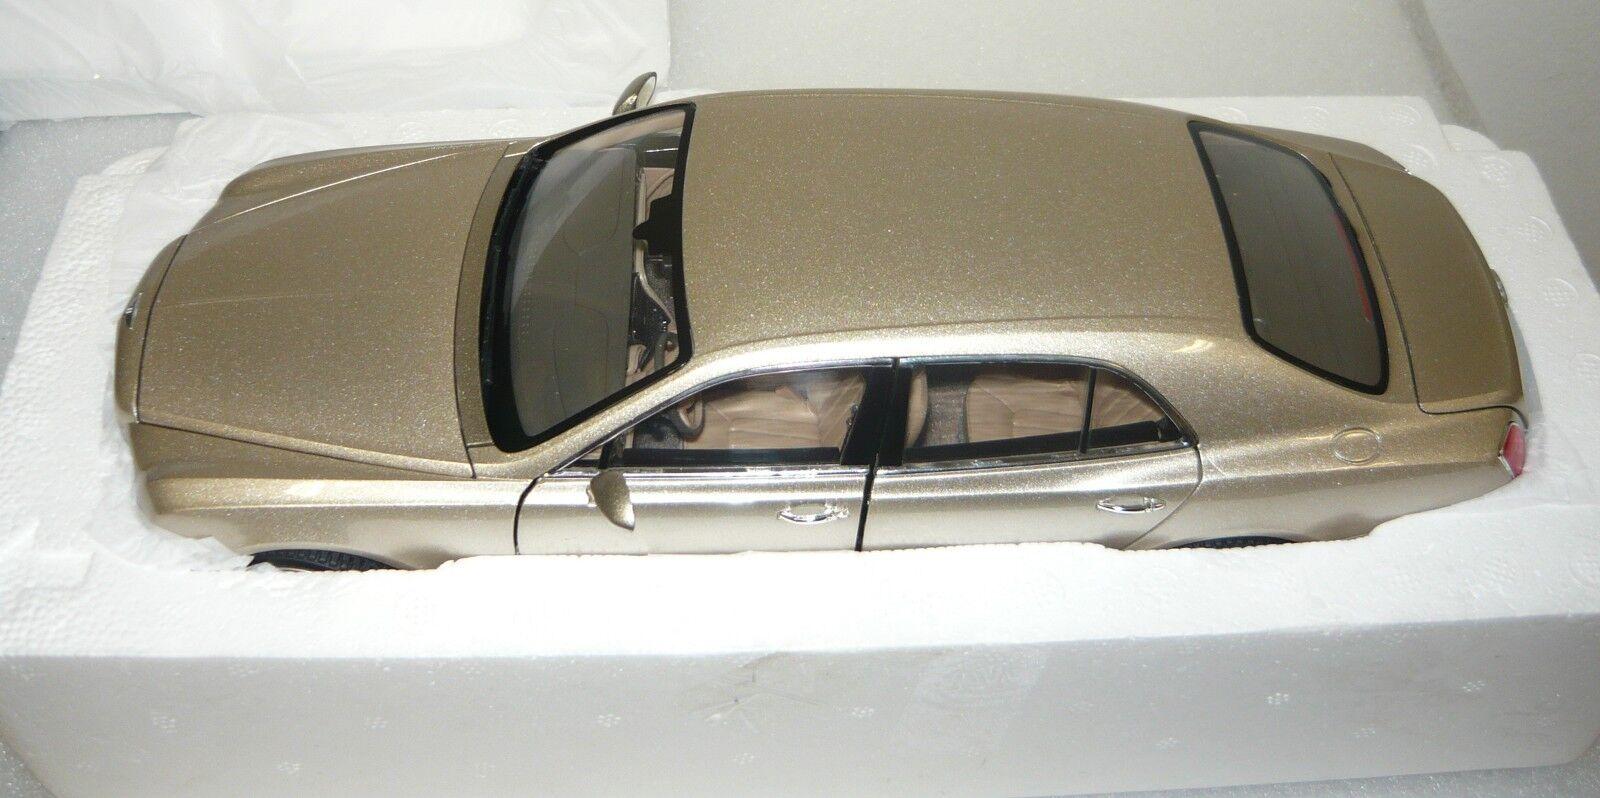 hasta un 60% de descuento RaEstrella rat43800.go, rat43800.go, rat43800.go, Bentley mulsanne, Aguamiel. - beige, 1 18, neu&ovp  ordene ahora los precios más bajos